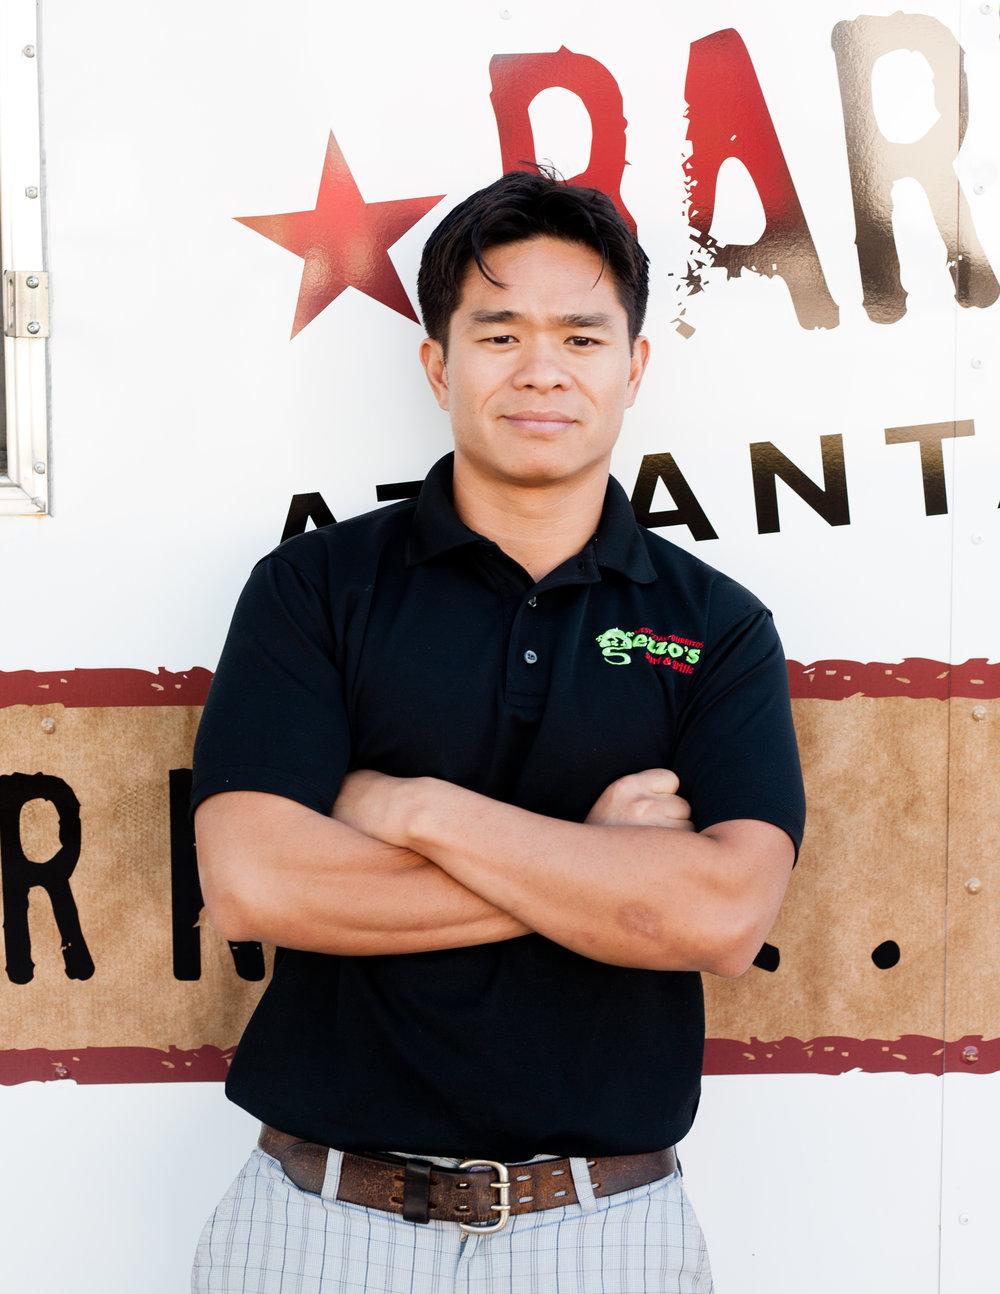 Howard Hsu on Year One at the Atlanta Food Truck Park